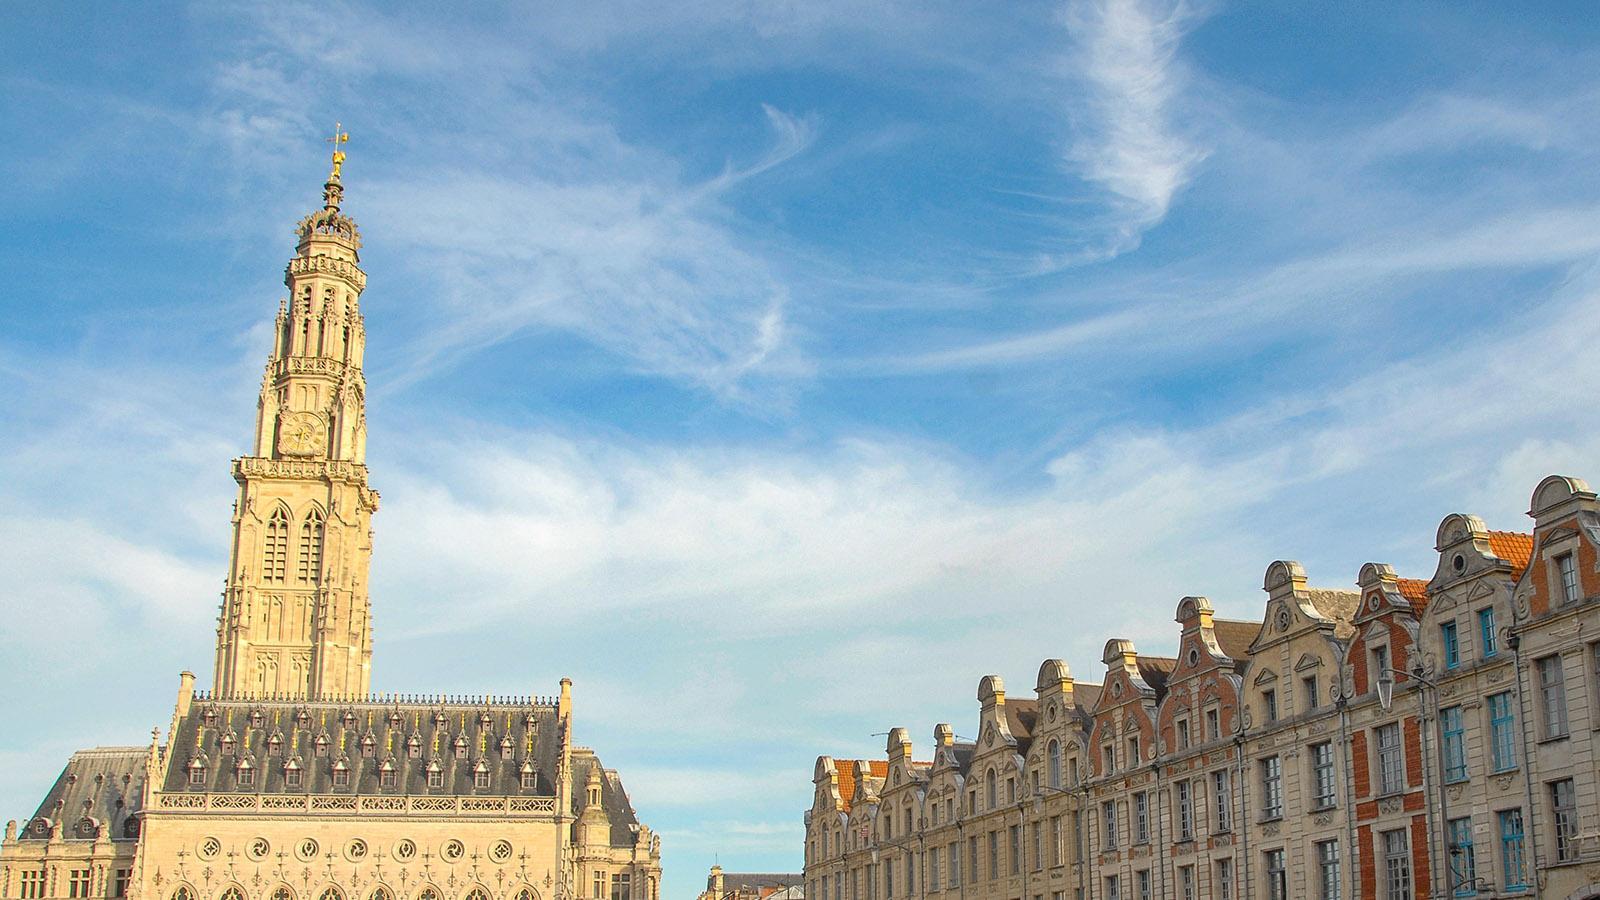 Arras; Die Place des Héros mit ihrem berühmten Belfried. Foto: Hilke Maunder